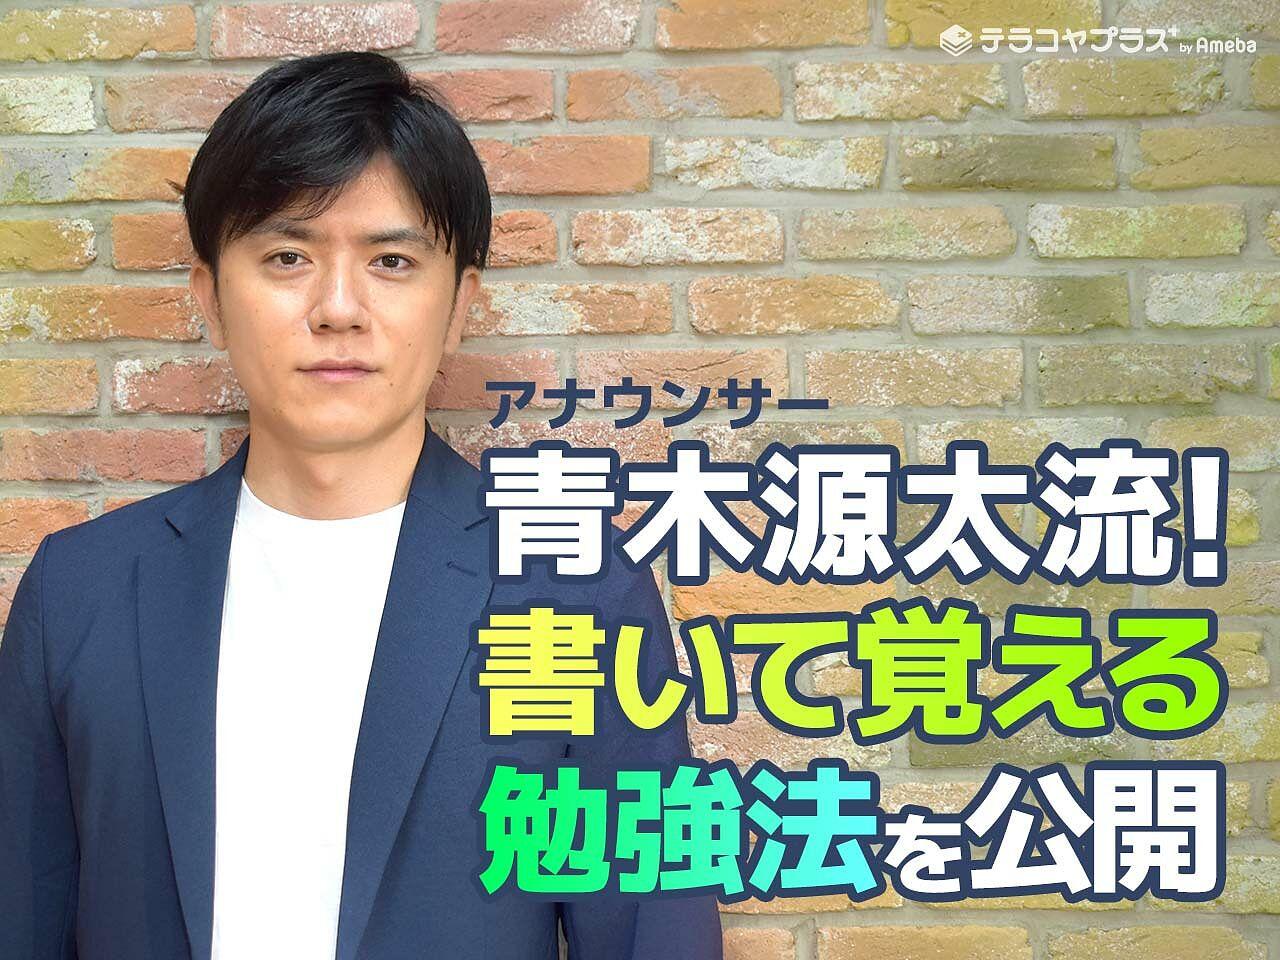 フリーアナウンサー青木源太の学生時代の勉強法とは?書いて覚えて苦手克服!の画像